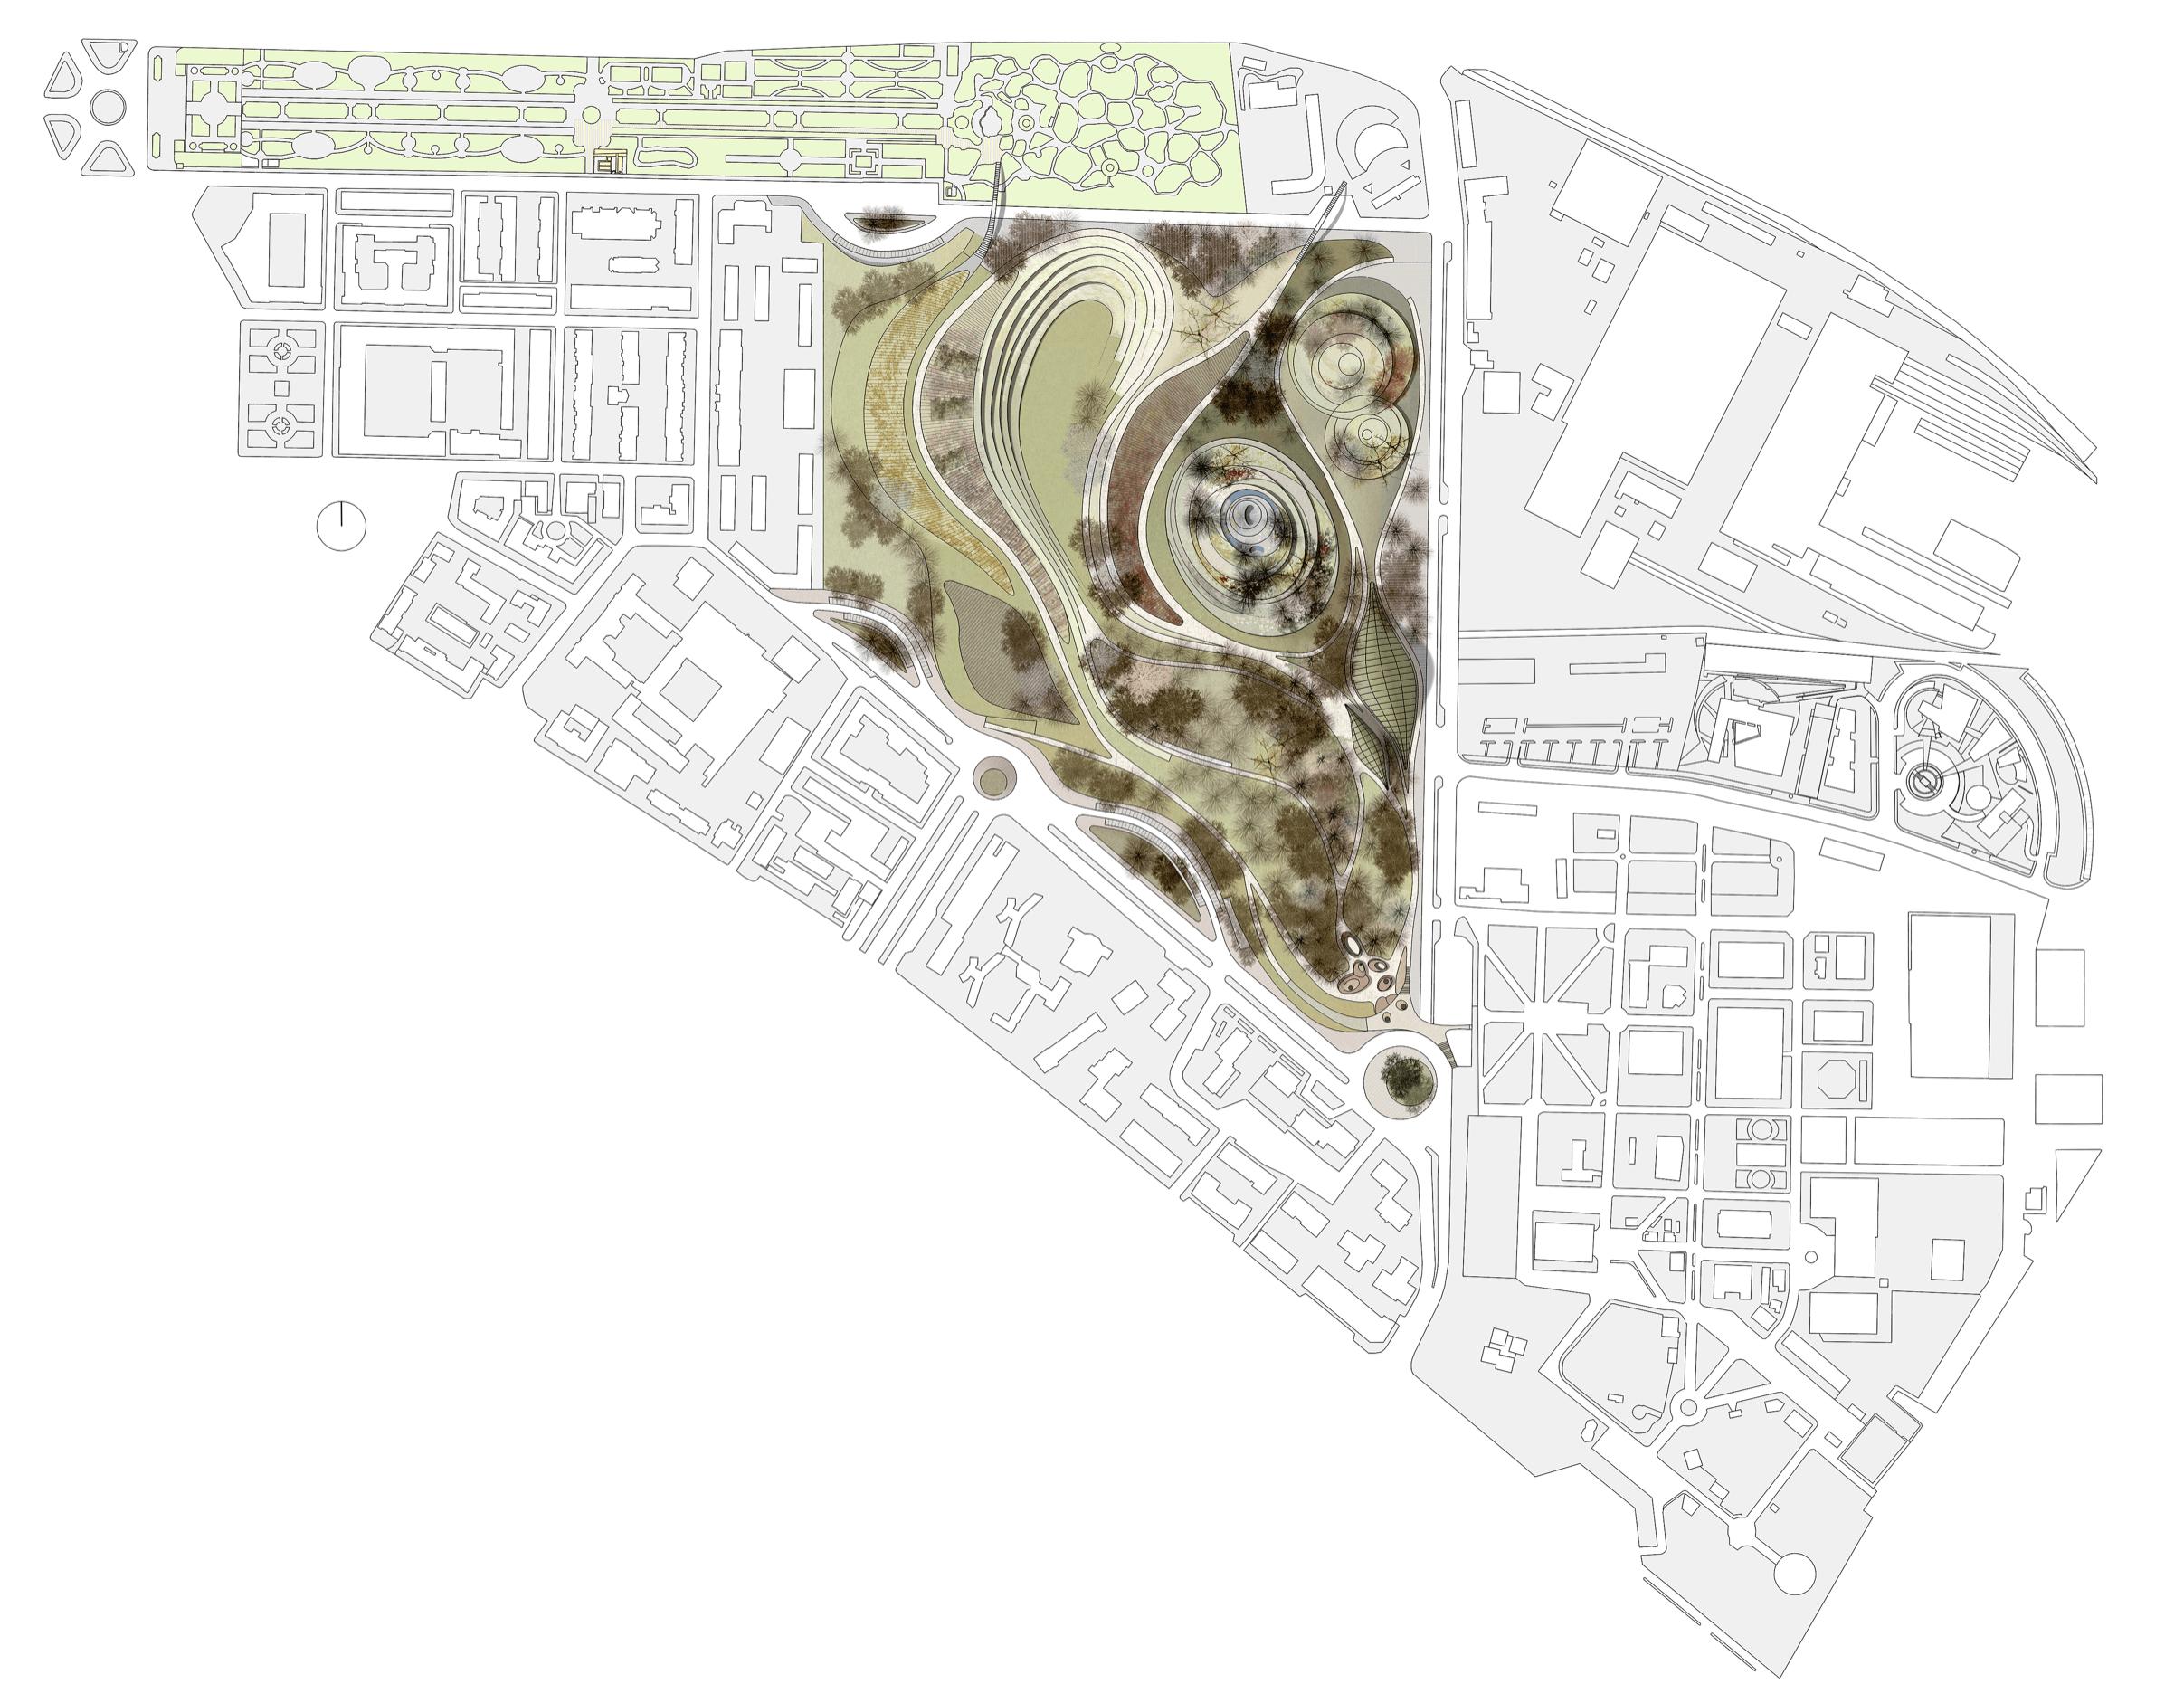 """Una delle tavole del progetto """"Contesti"""", vincitore del concorso internazionale di idee per il Parco urbano e archeologico Campi Diomedei promosso dal Comune di Foggia nel 2008."""